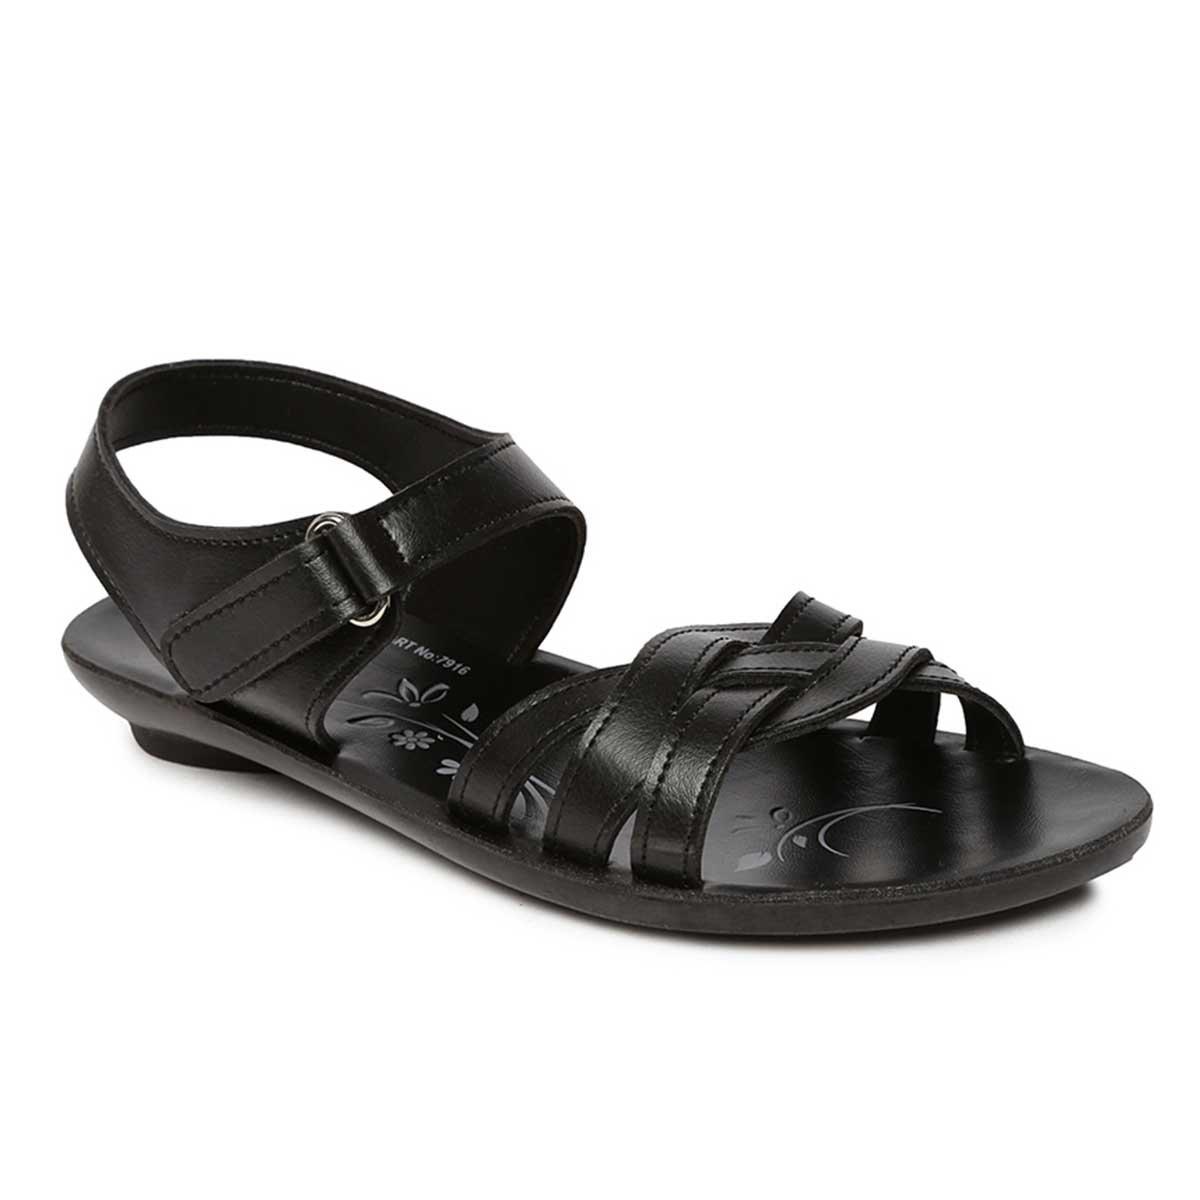 SOLEA Women's Black Sandals- Buy Online